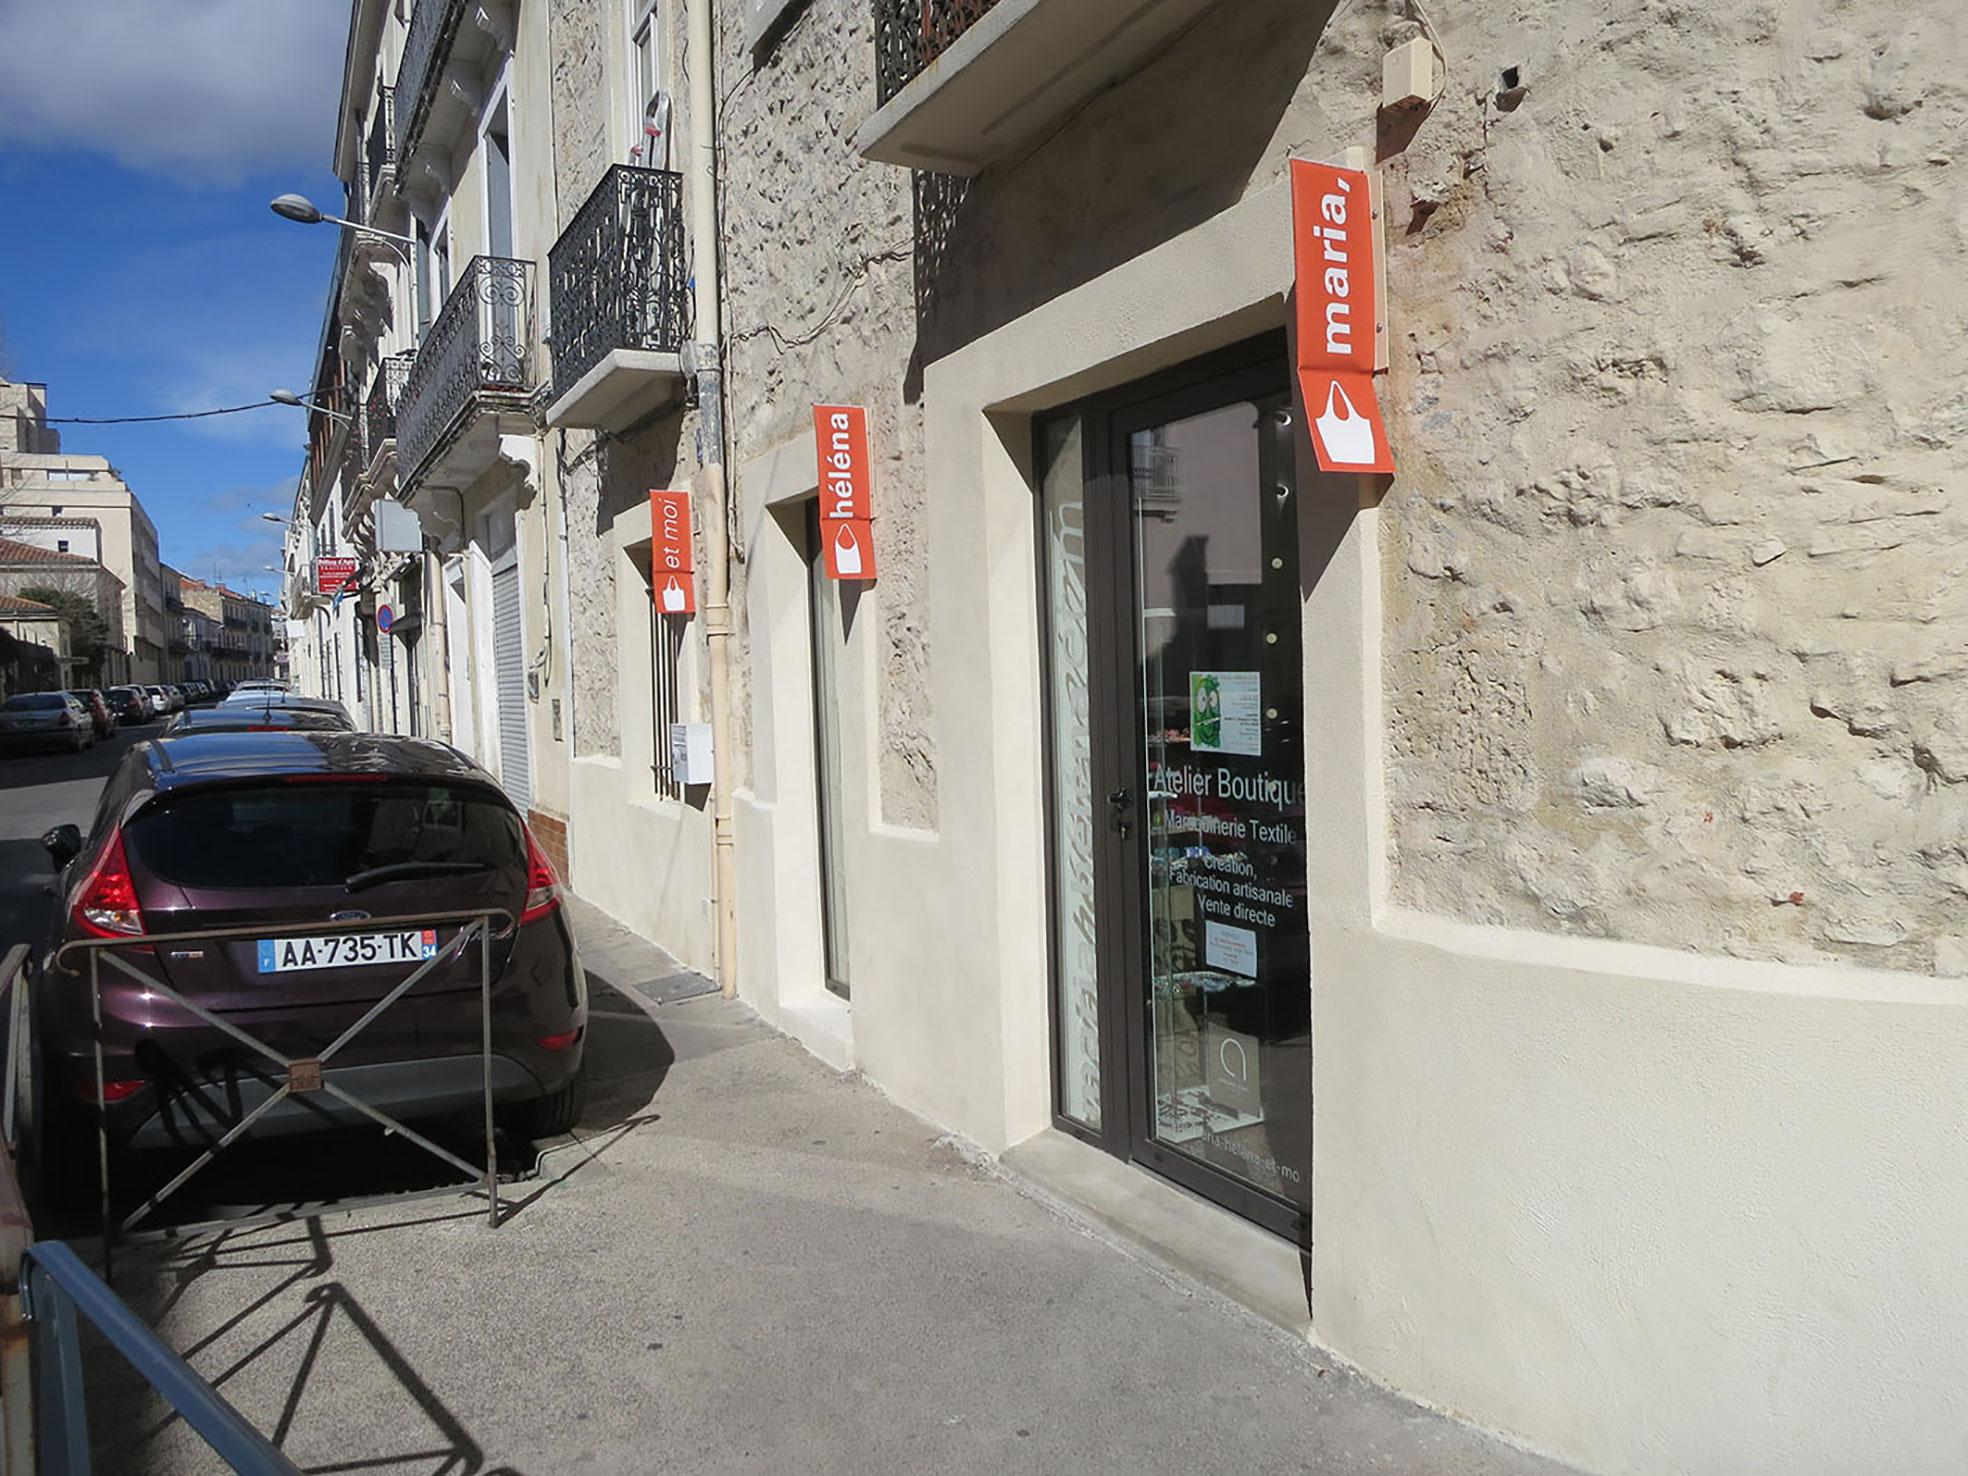 atelier-boutique-maria-helena-et-moi-exterieur